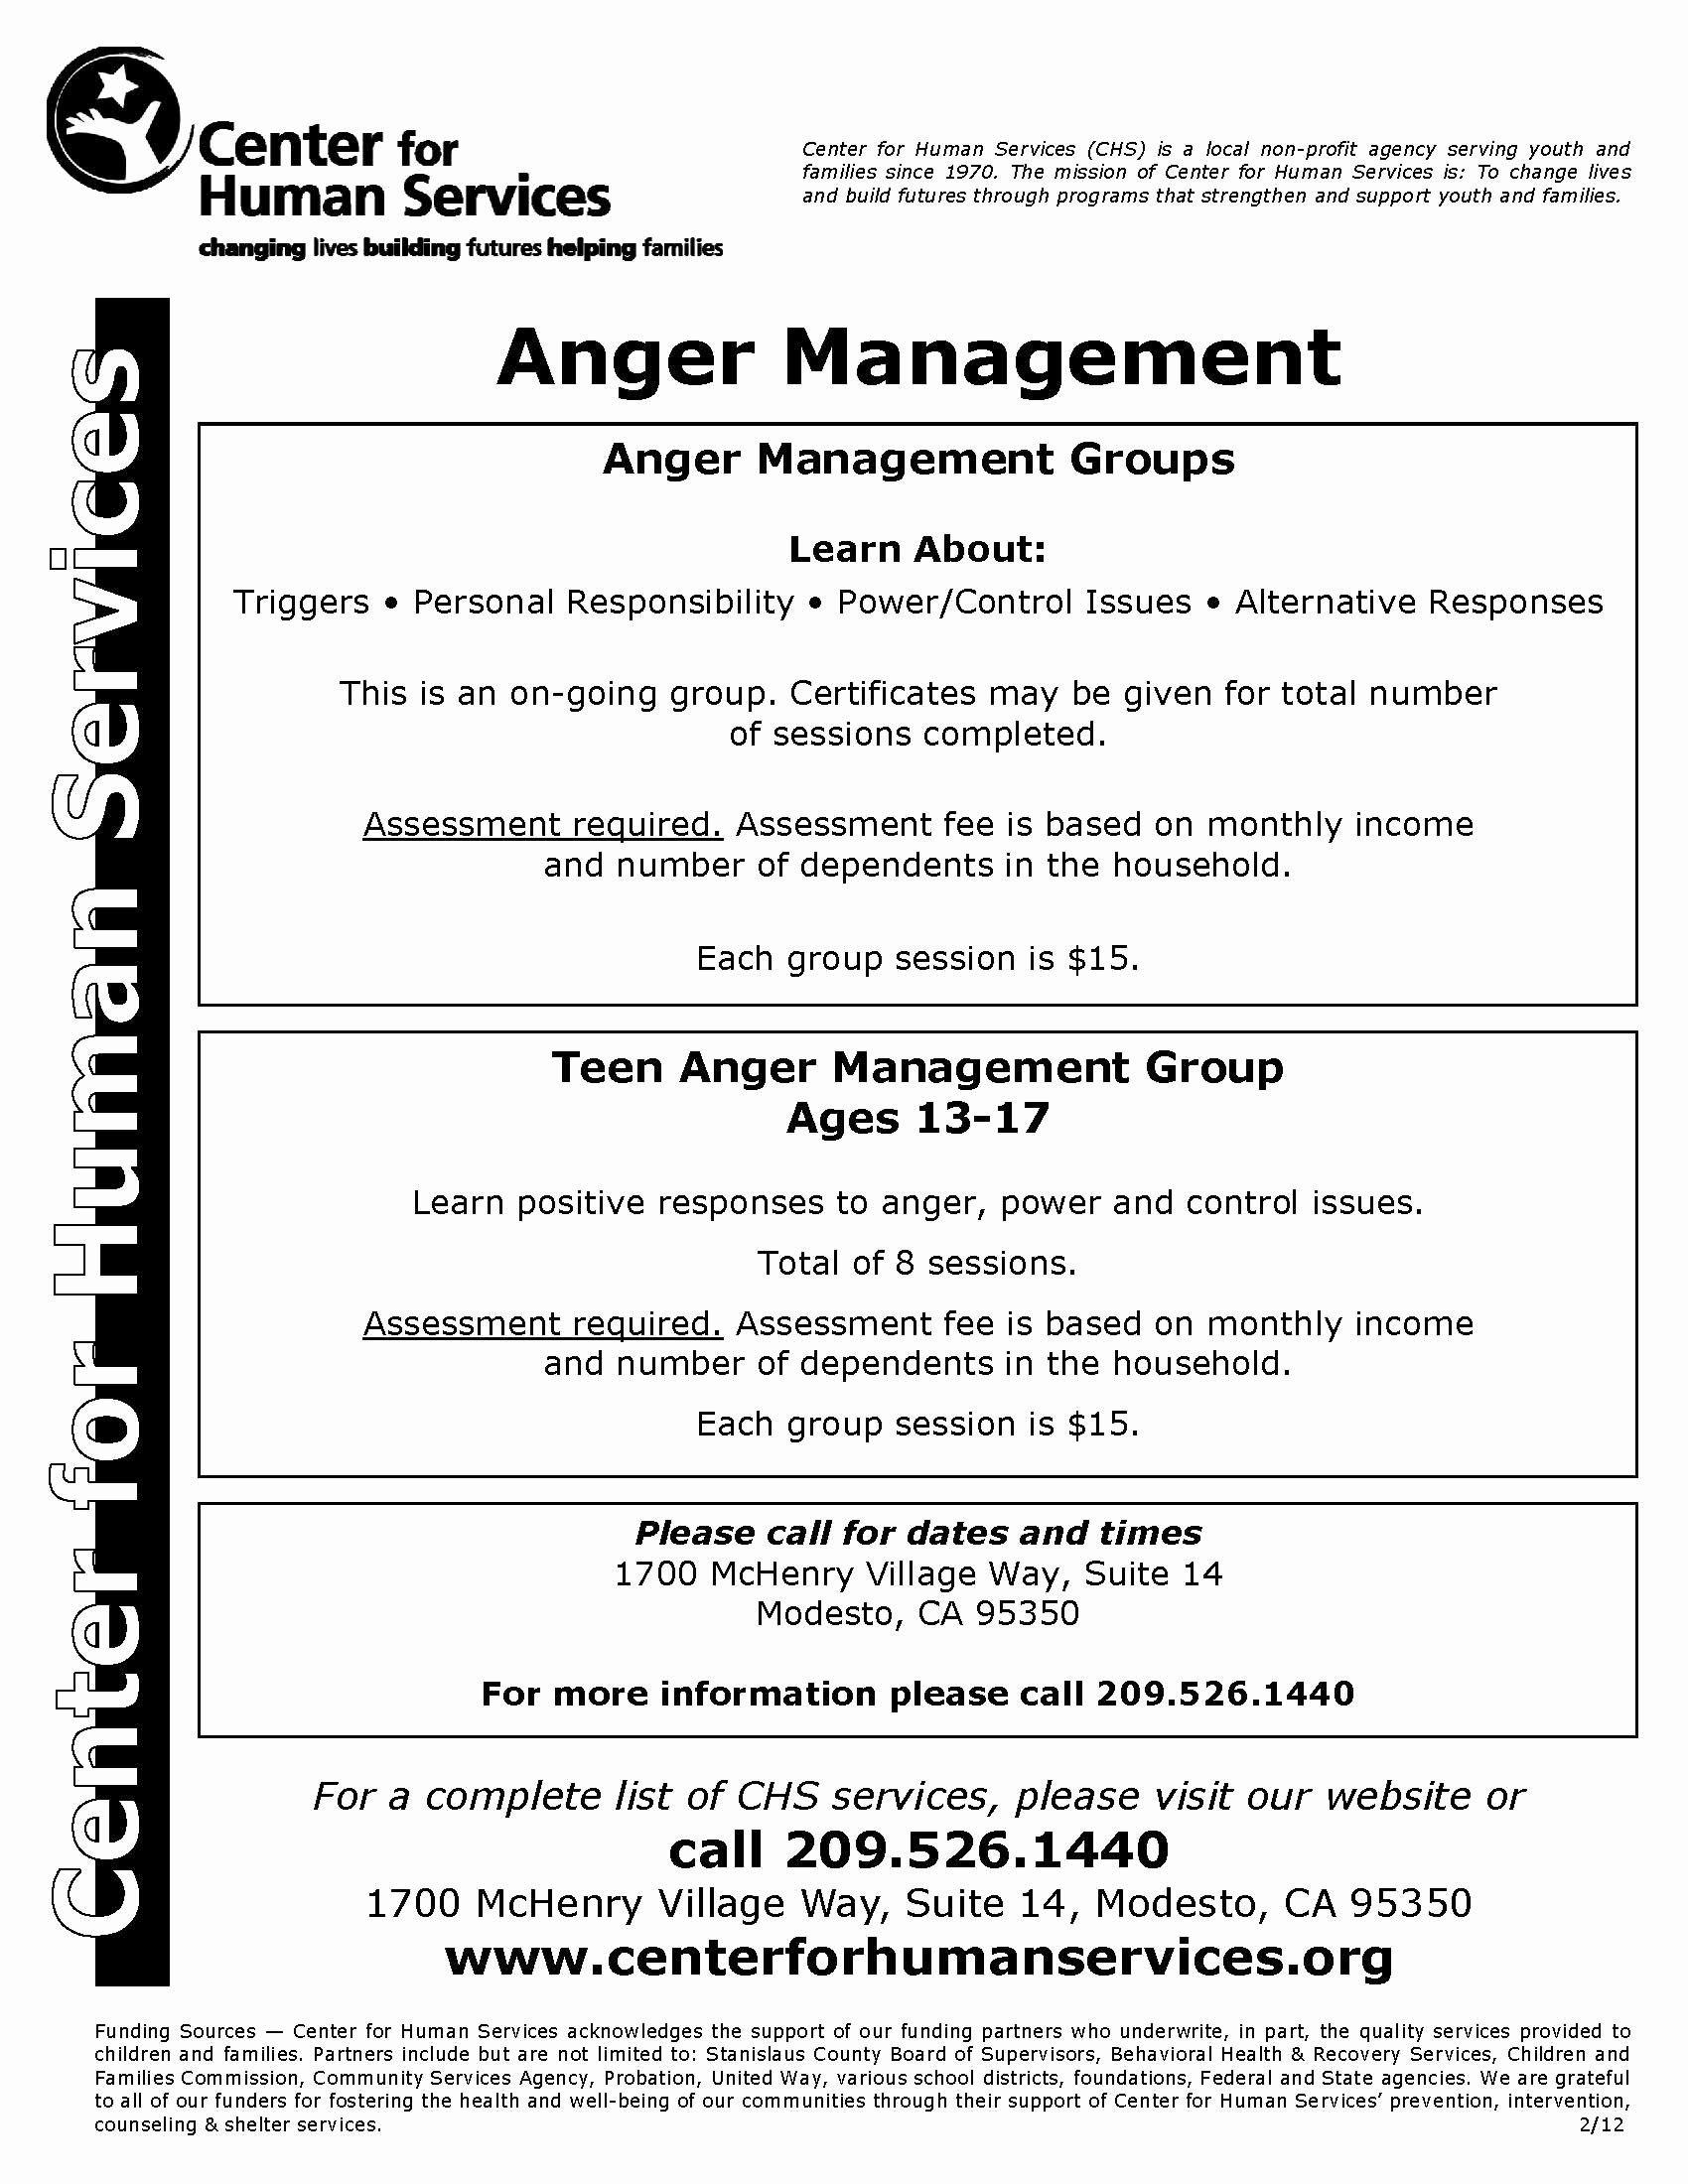 Anger Management Worksheet For Teens Elegant Anger Management Skill Cards Worksheet Ches Anger Management Worksheets Anger Worksheets Anger Management Skills Anger management skills worksheets